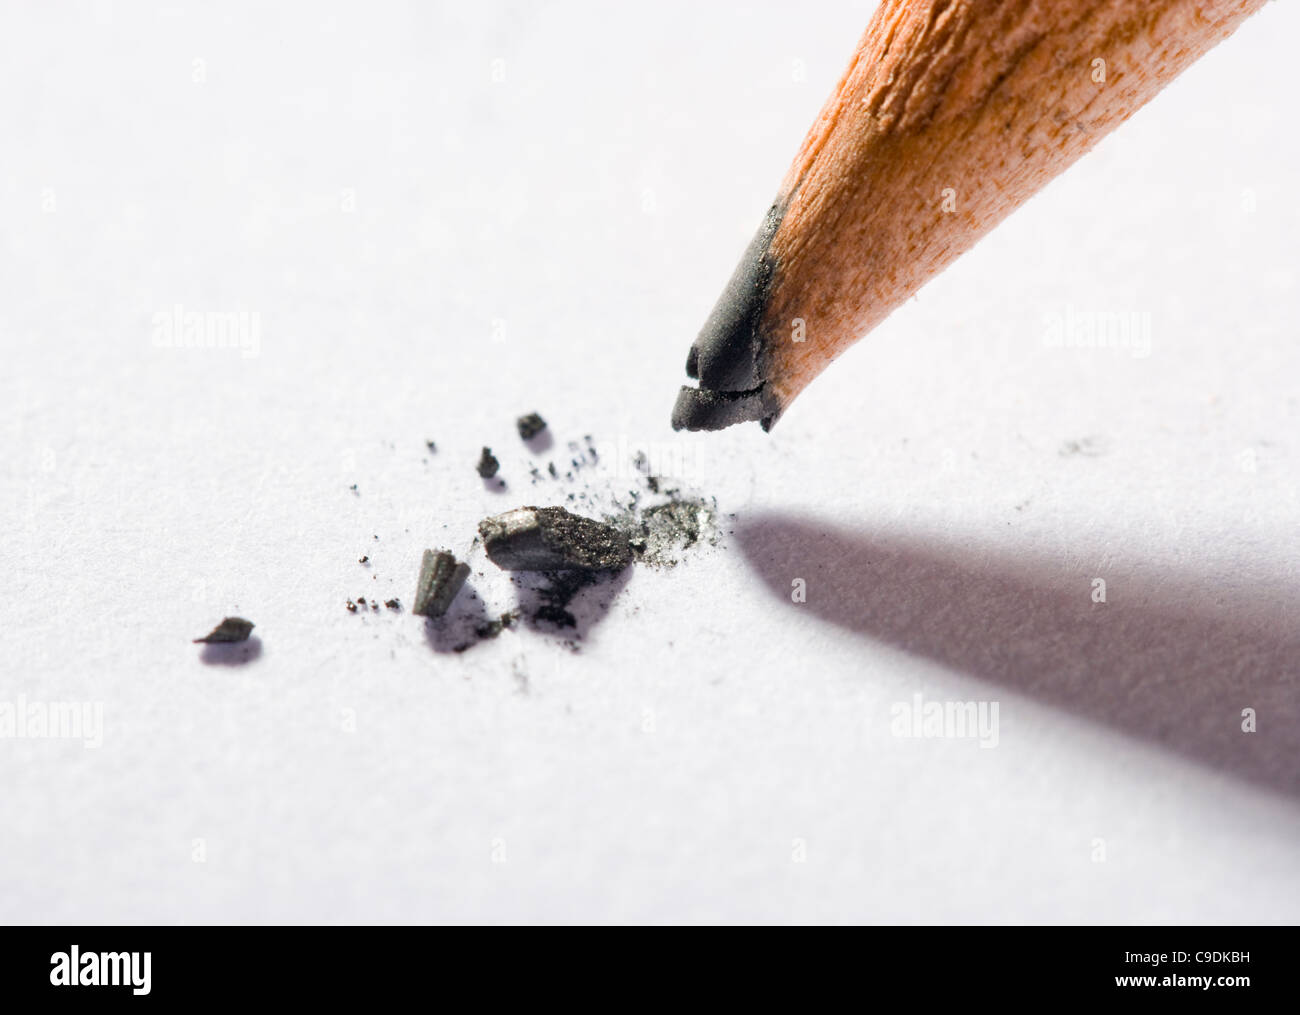 Broken pencil - Stock Image